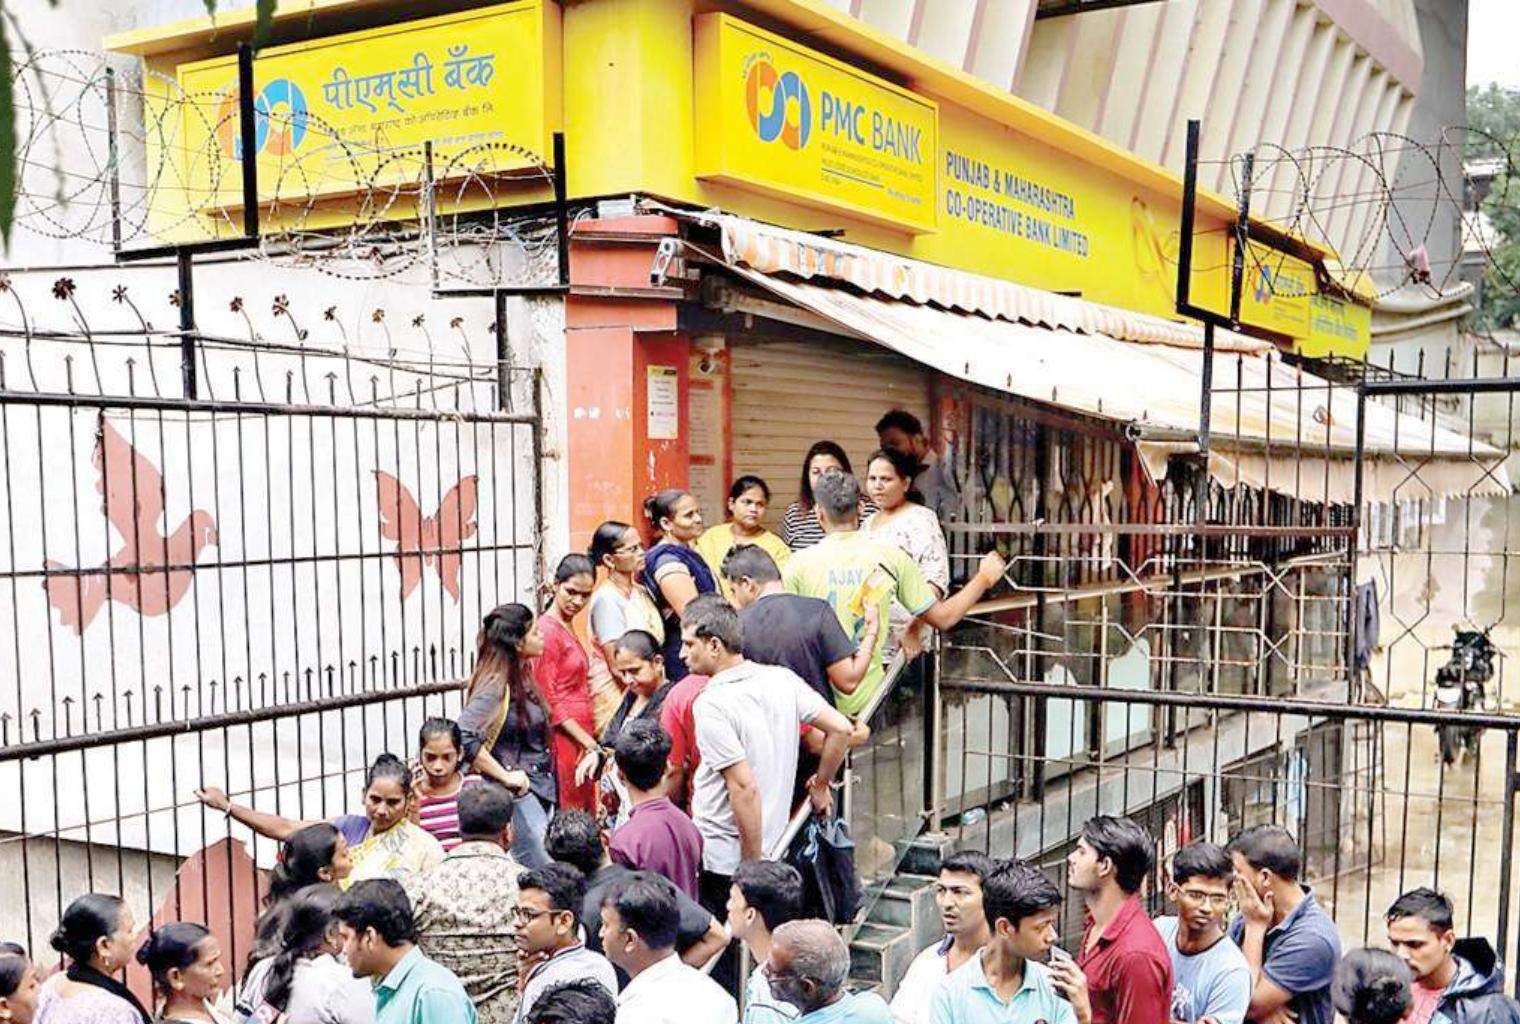 Incursión bancaria, arrestos realizados pero RBI todavía restringe retiros